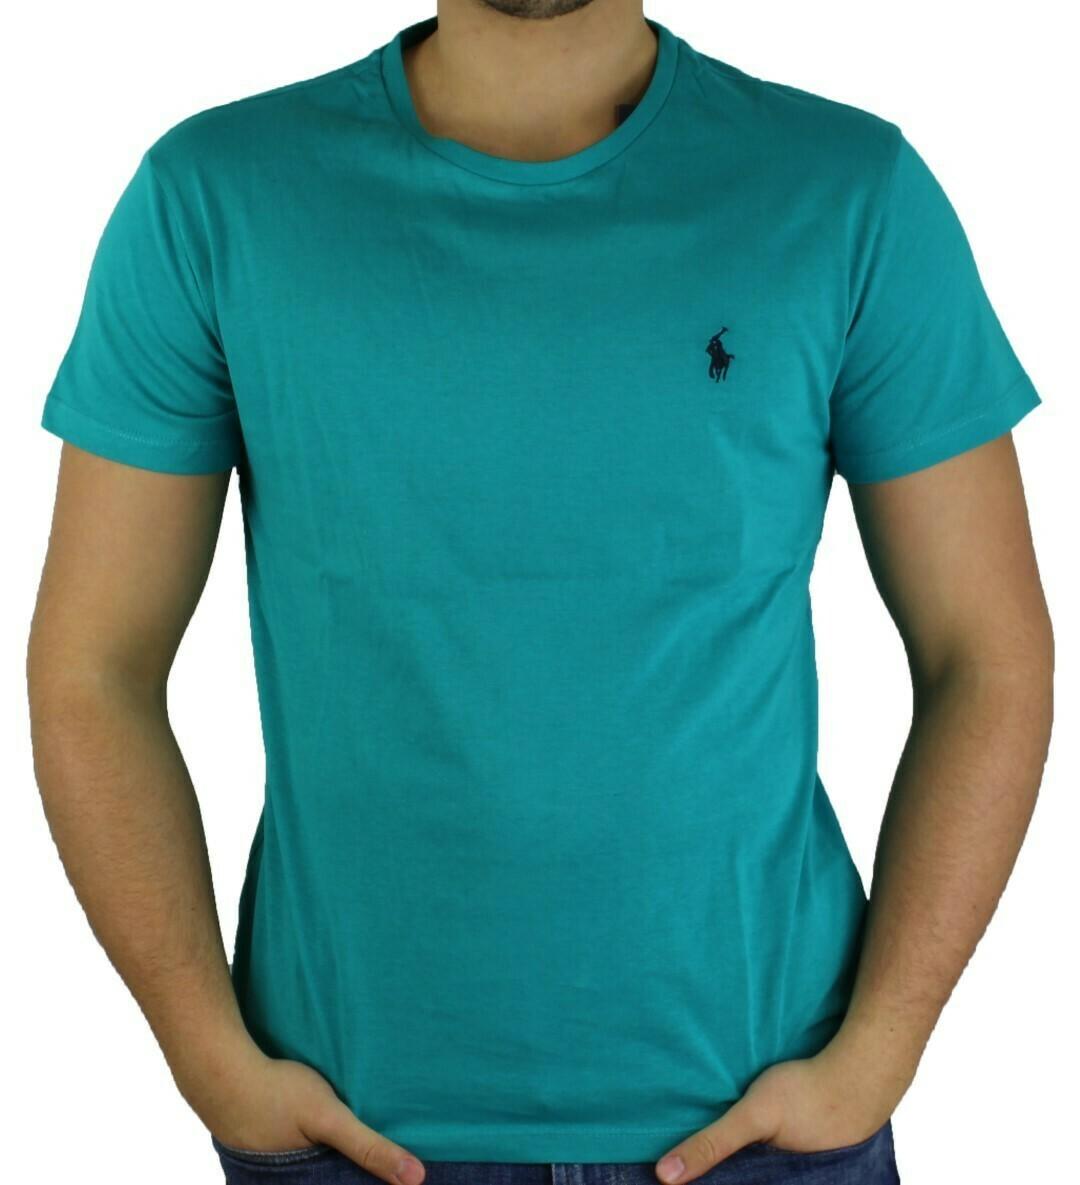 Ralph Lauren Crew Neck Men's T-Shirt Green